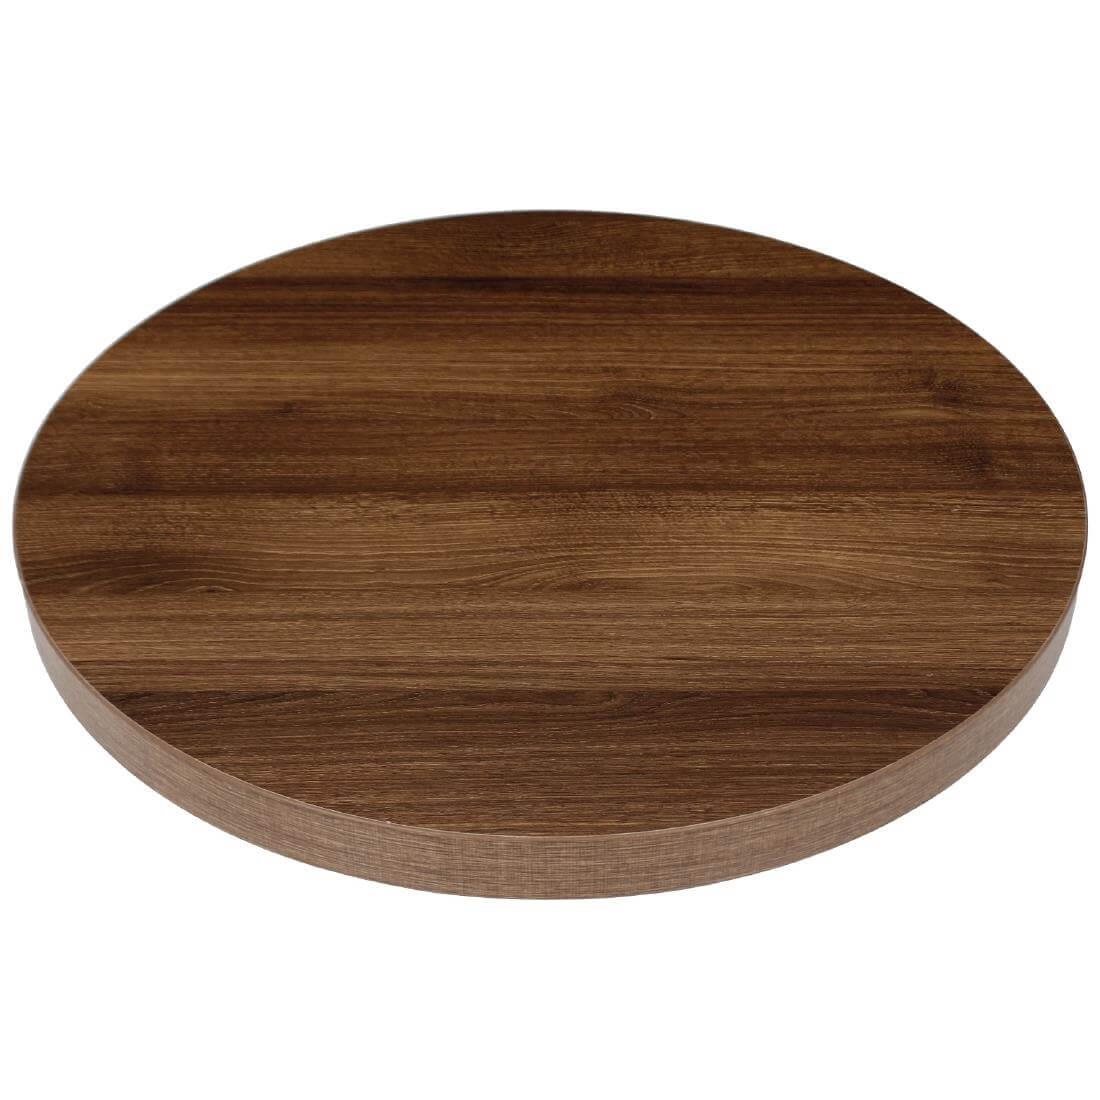 Bolero Thick Round - Rustic Oak Effect